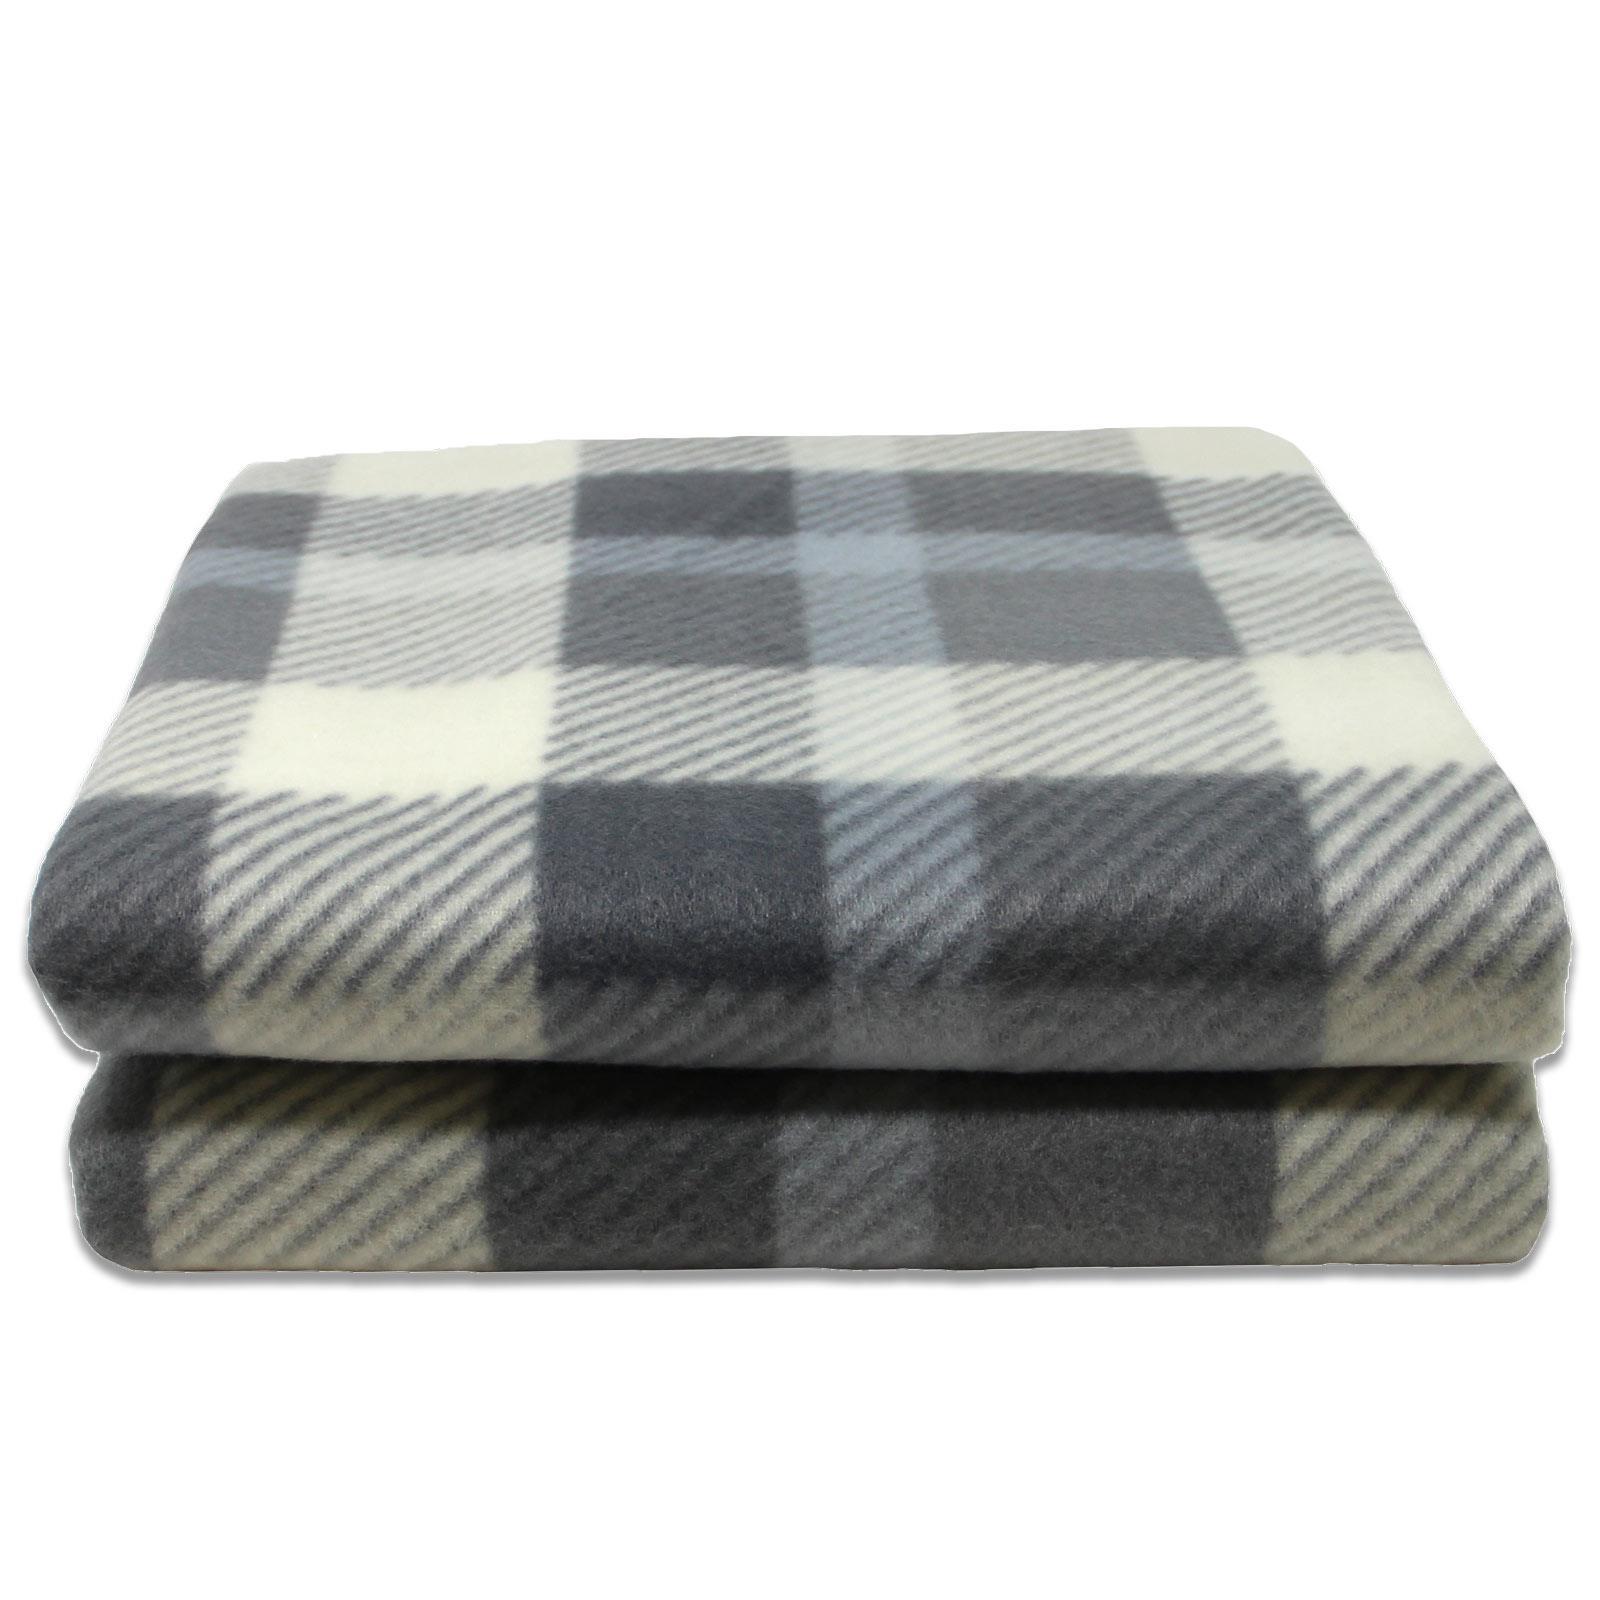 Sofa-de-verificacion-de-tartan-polar-mantas-polar-silla-acogedor-lanza-Manta-127cm-X-152cm miniatura 9